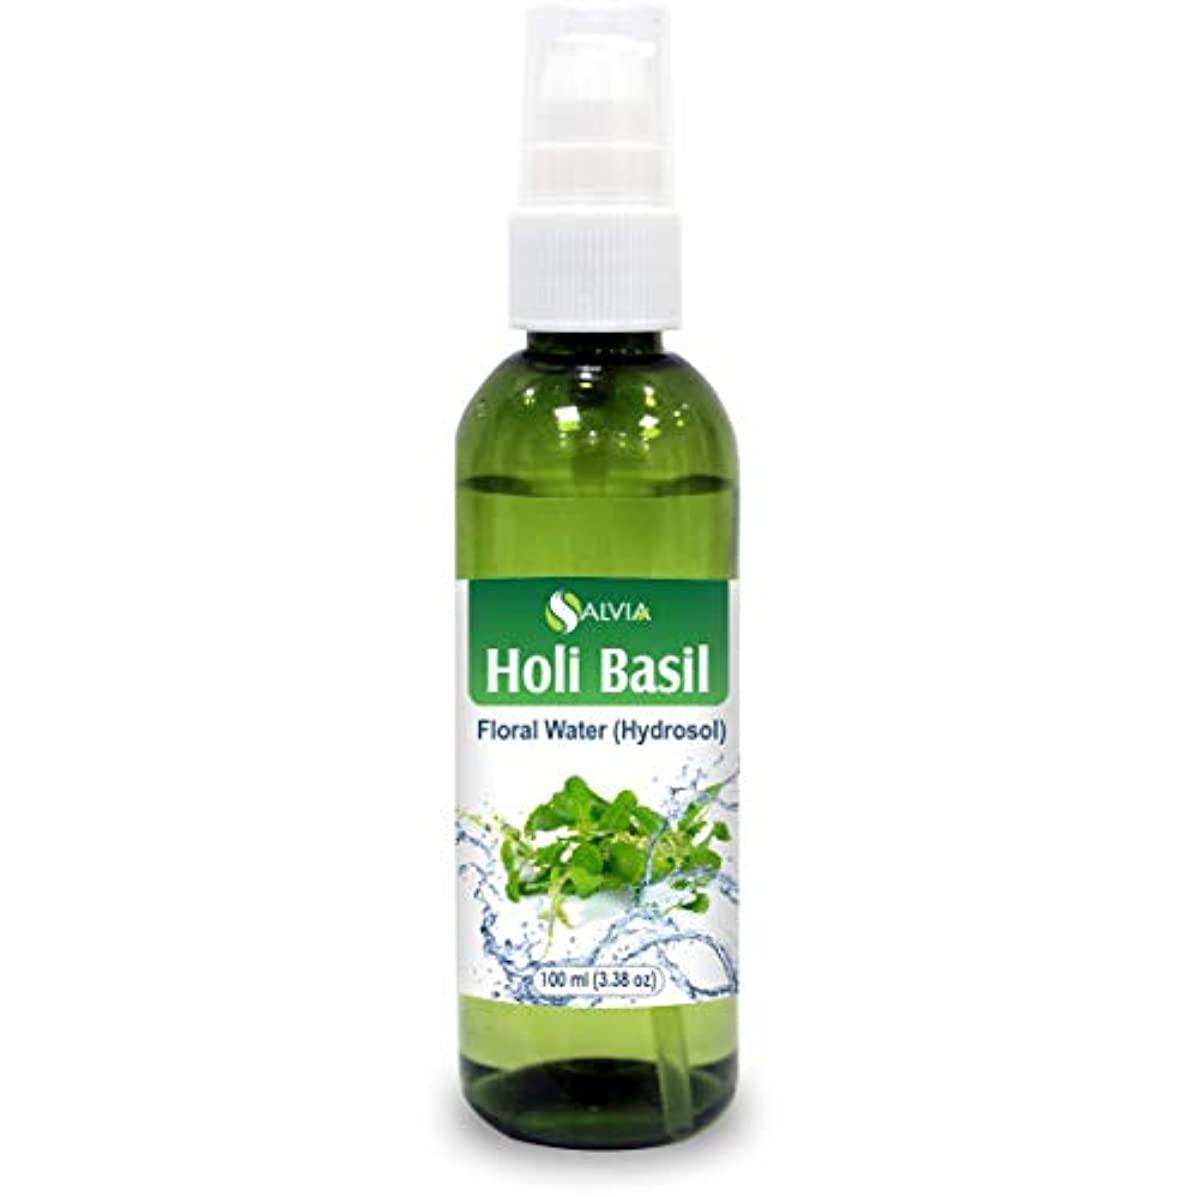 チョコレート焼く公平Holy Basil (Tulsi) Floral Water 100ml (Hydrosol) 100% Pure And Natural